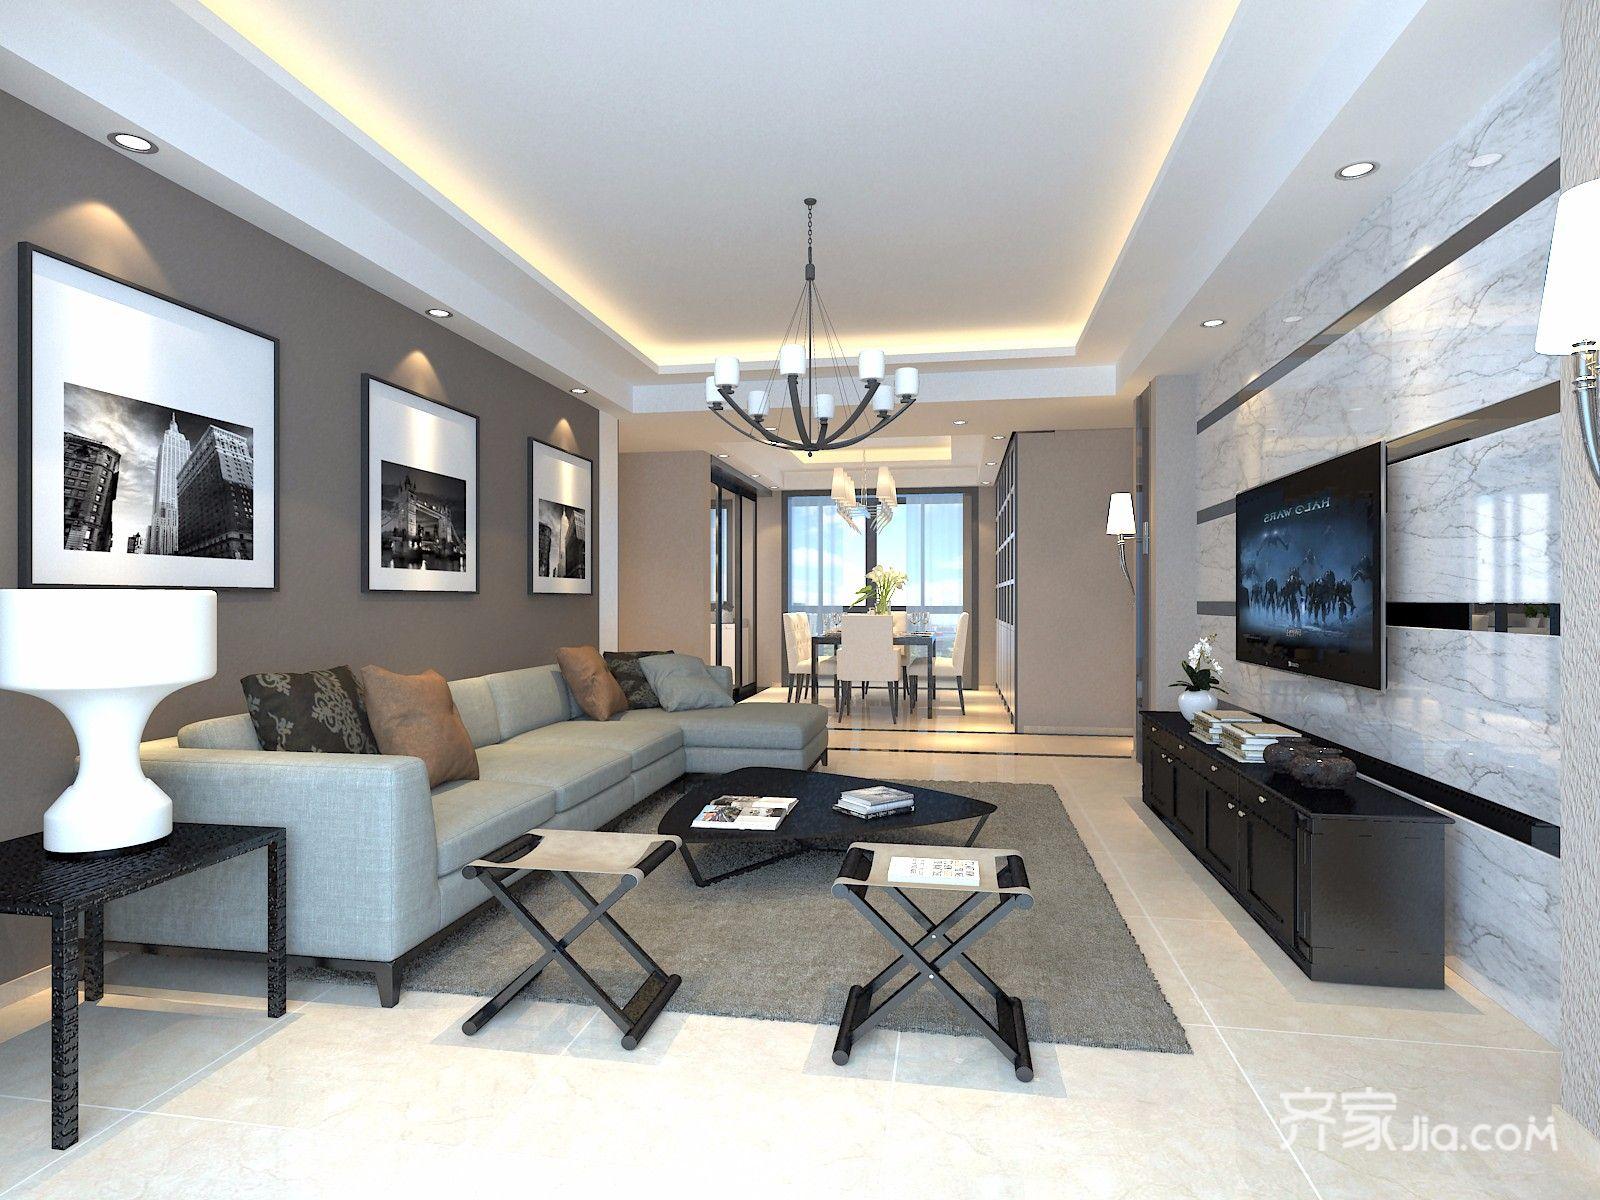 130平米现代风格客厅装修效果图